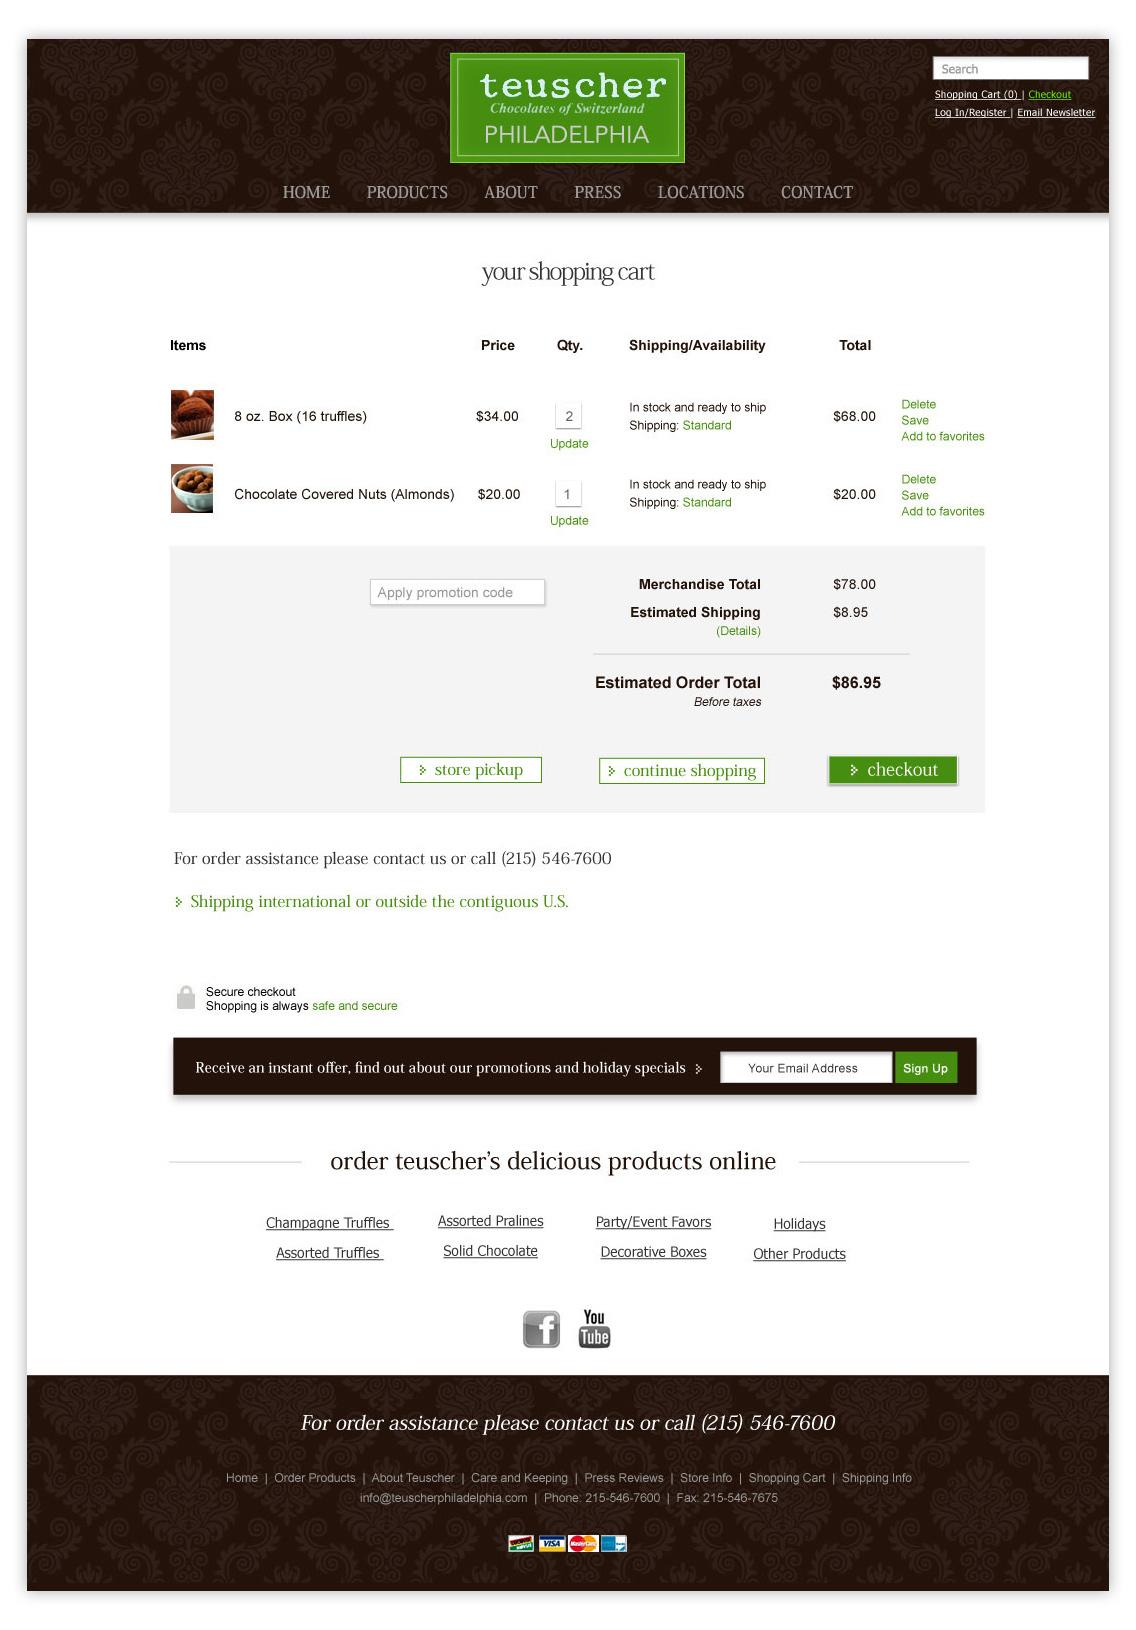 Teuscher_0004_Checkout---My-Cart.jpg